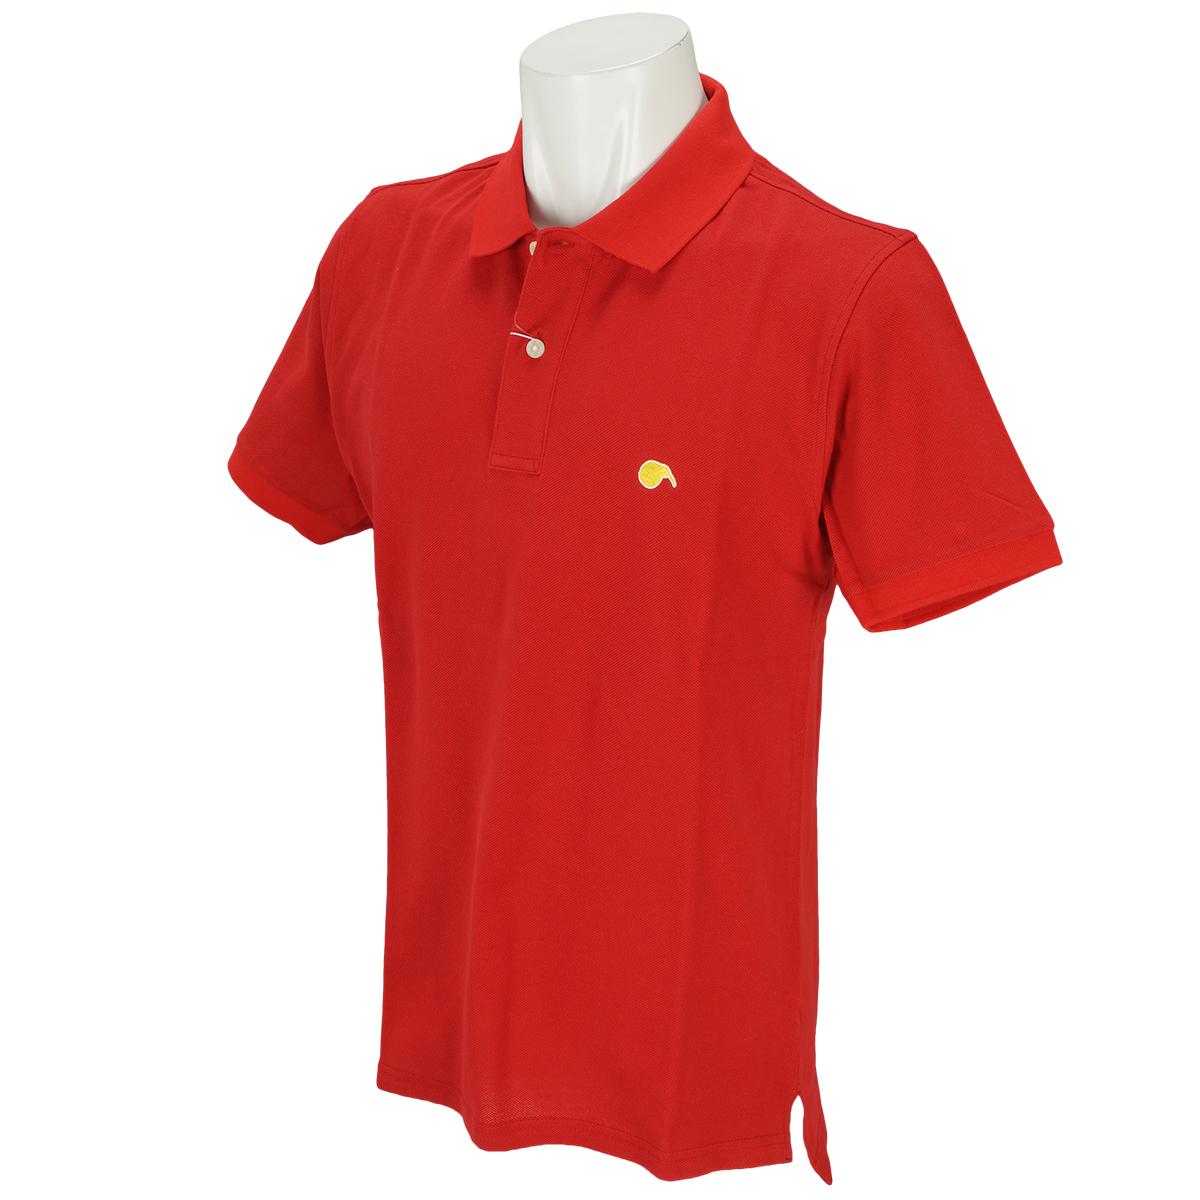 ドライピケ半袖ポロシャツ